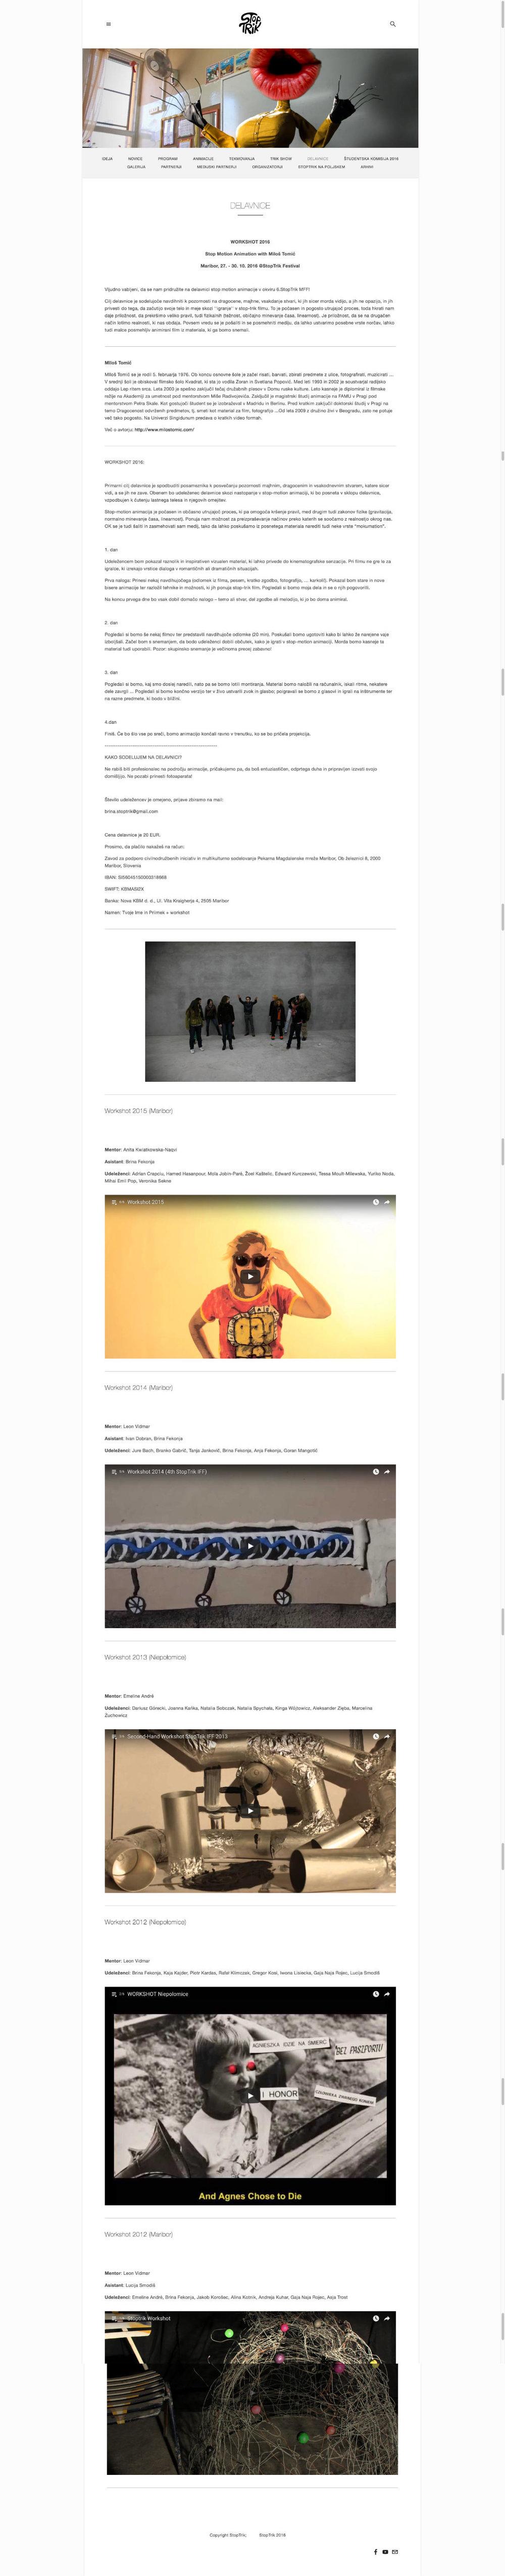 stoptrik_web_delavnice.jpg